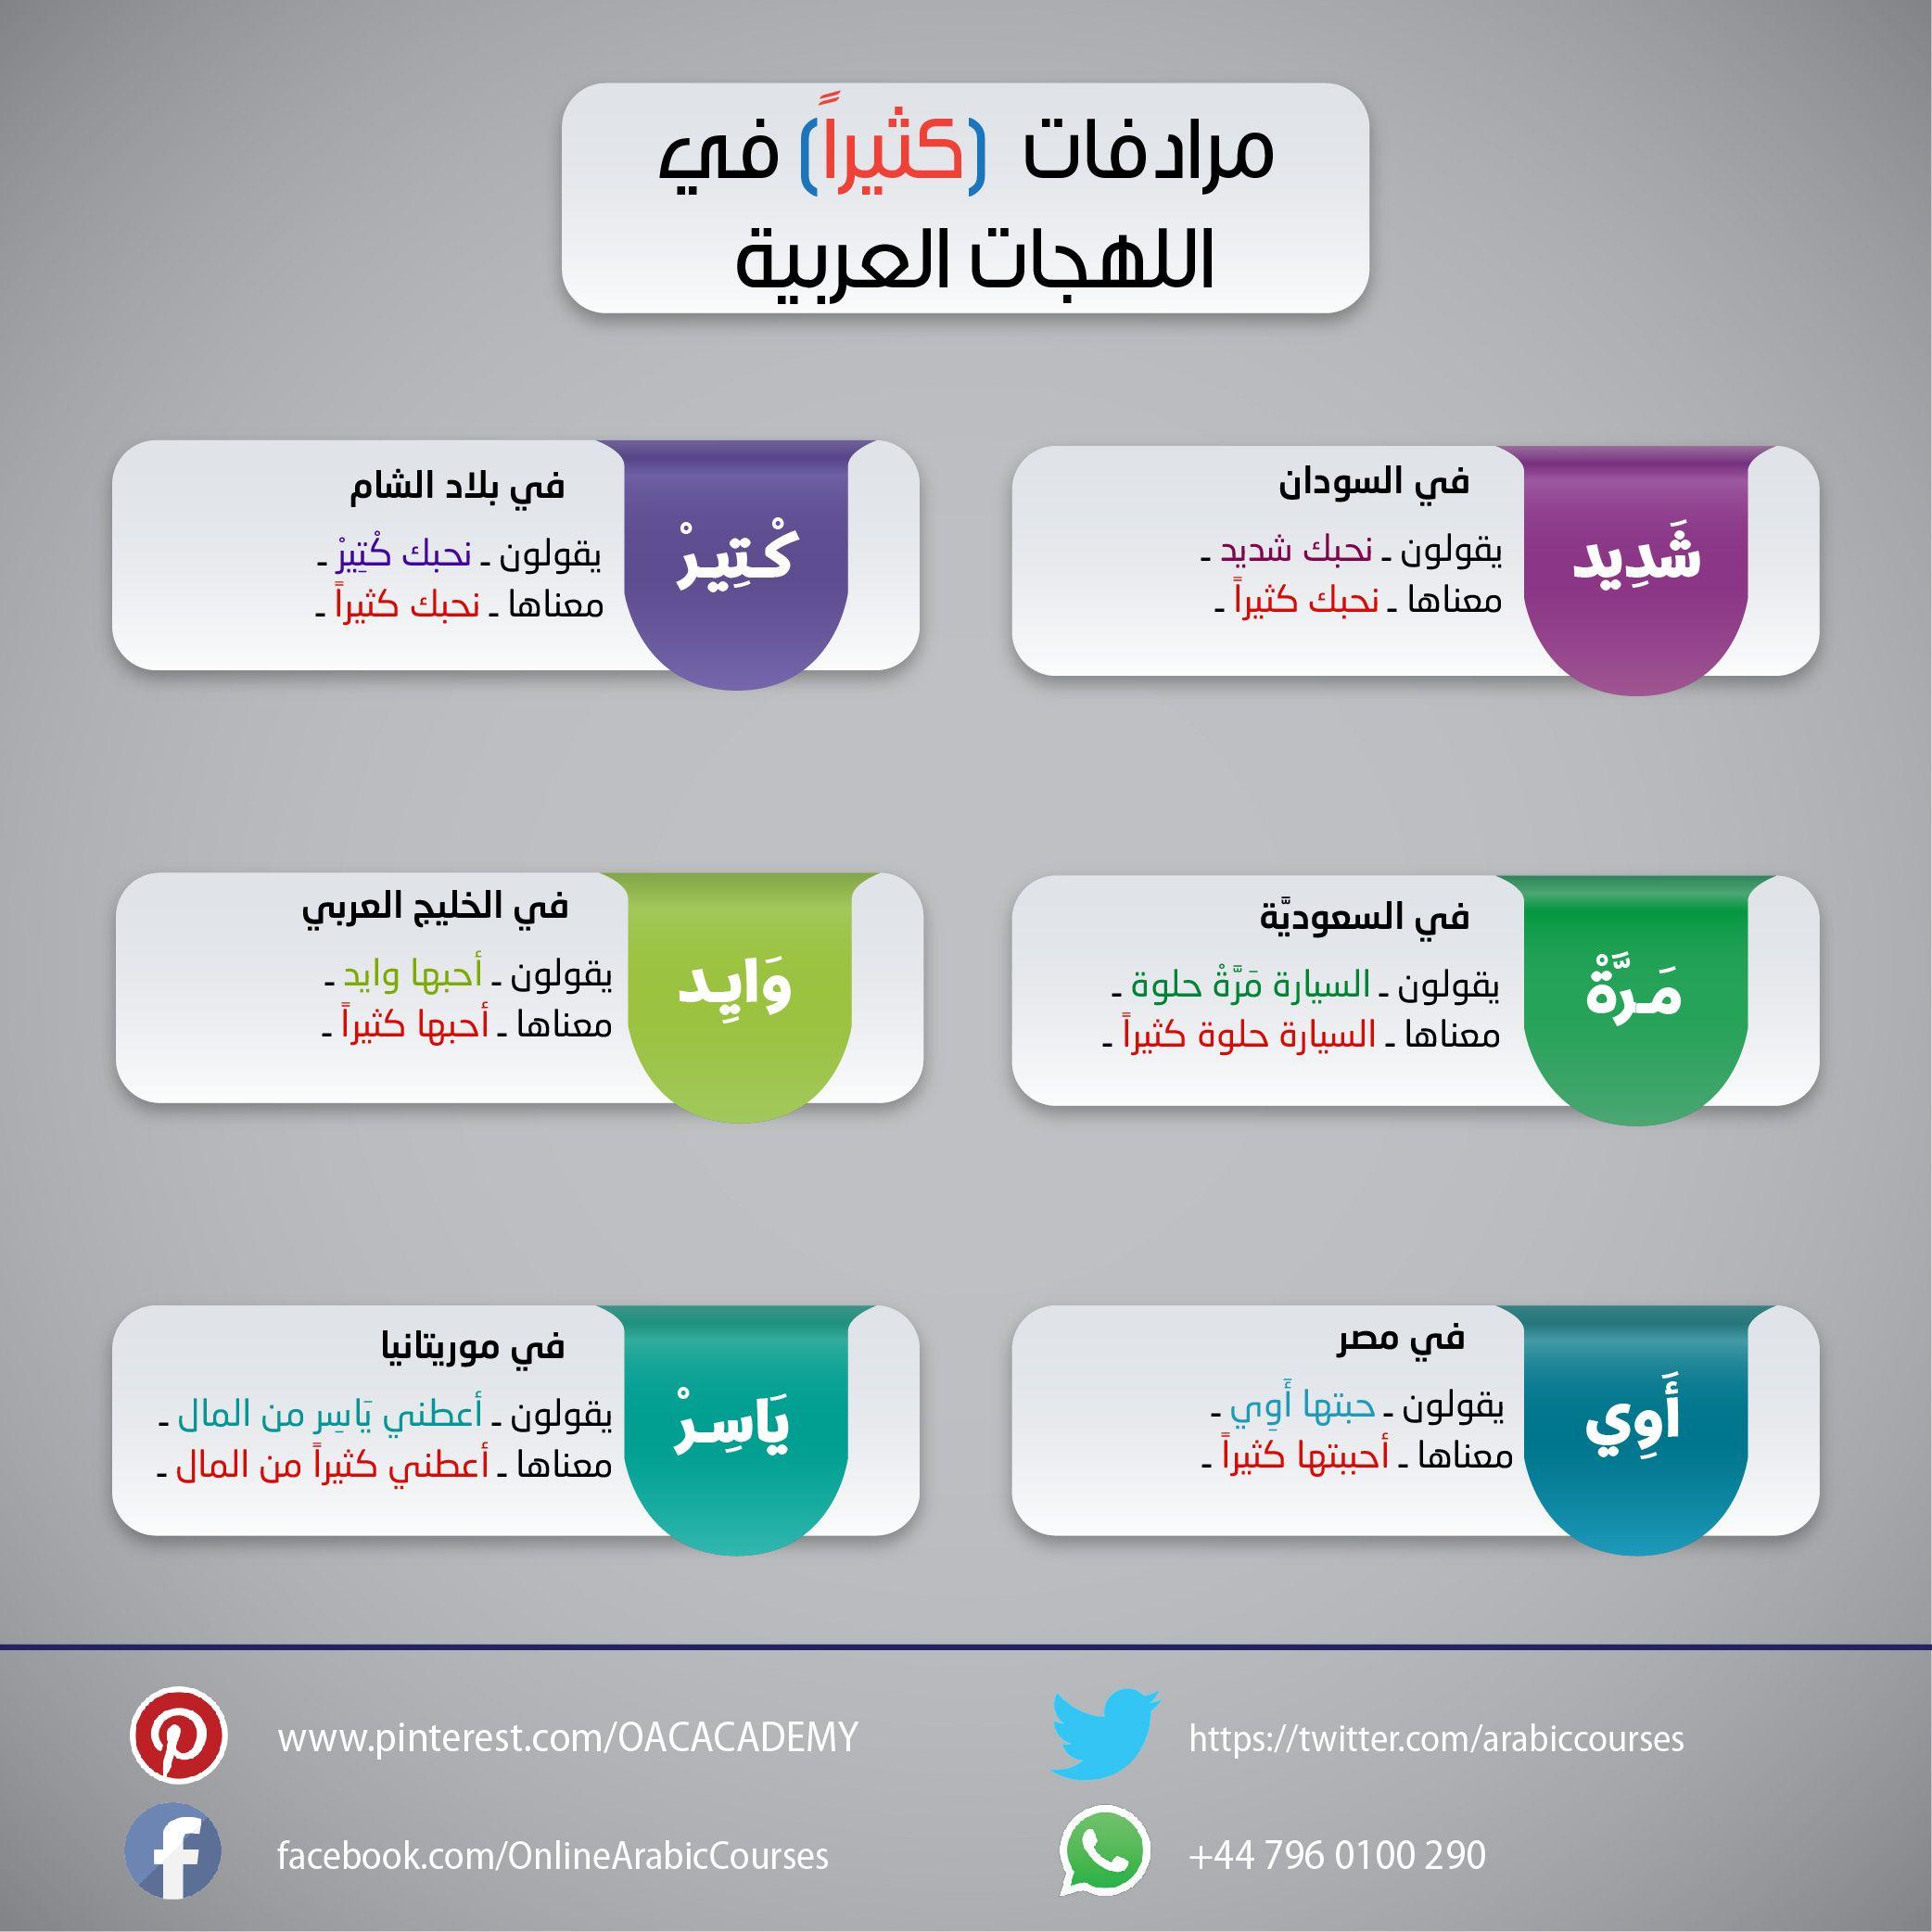 معني كلمة كثيرا في اللهجات المختلفة Language Info